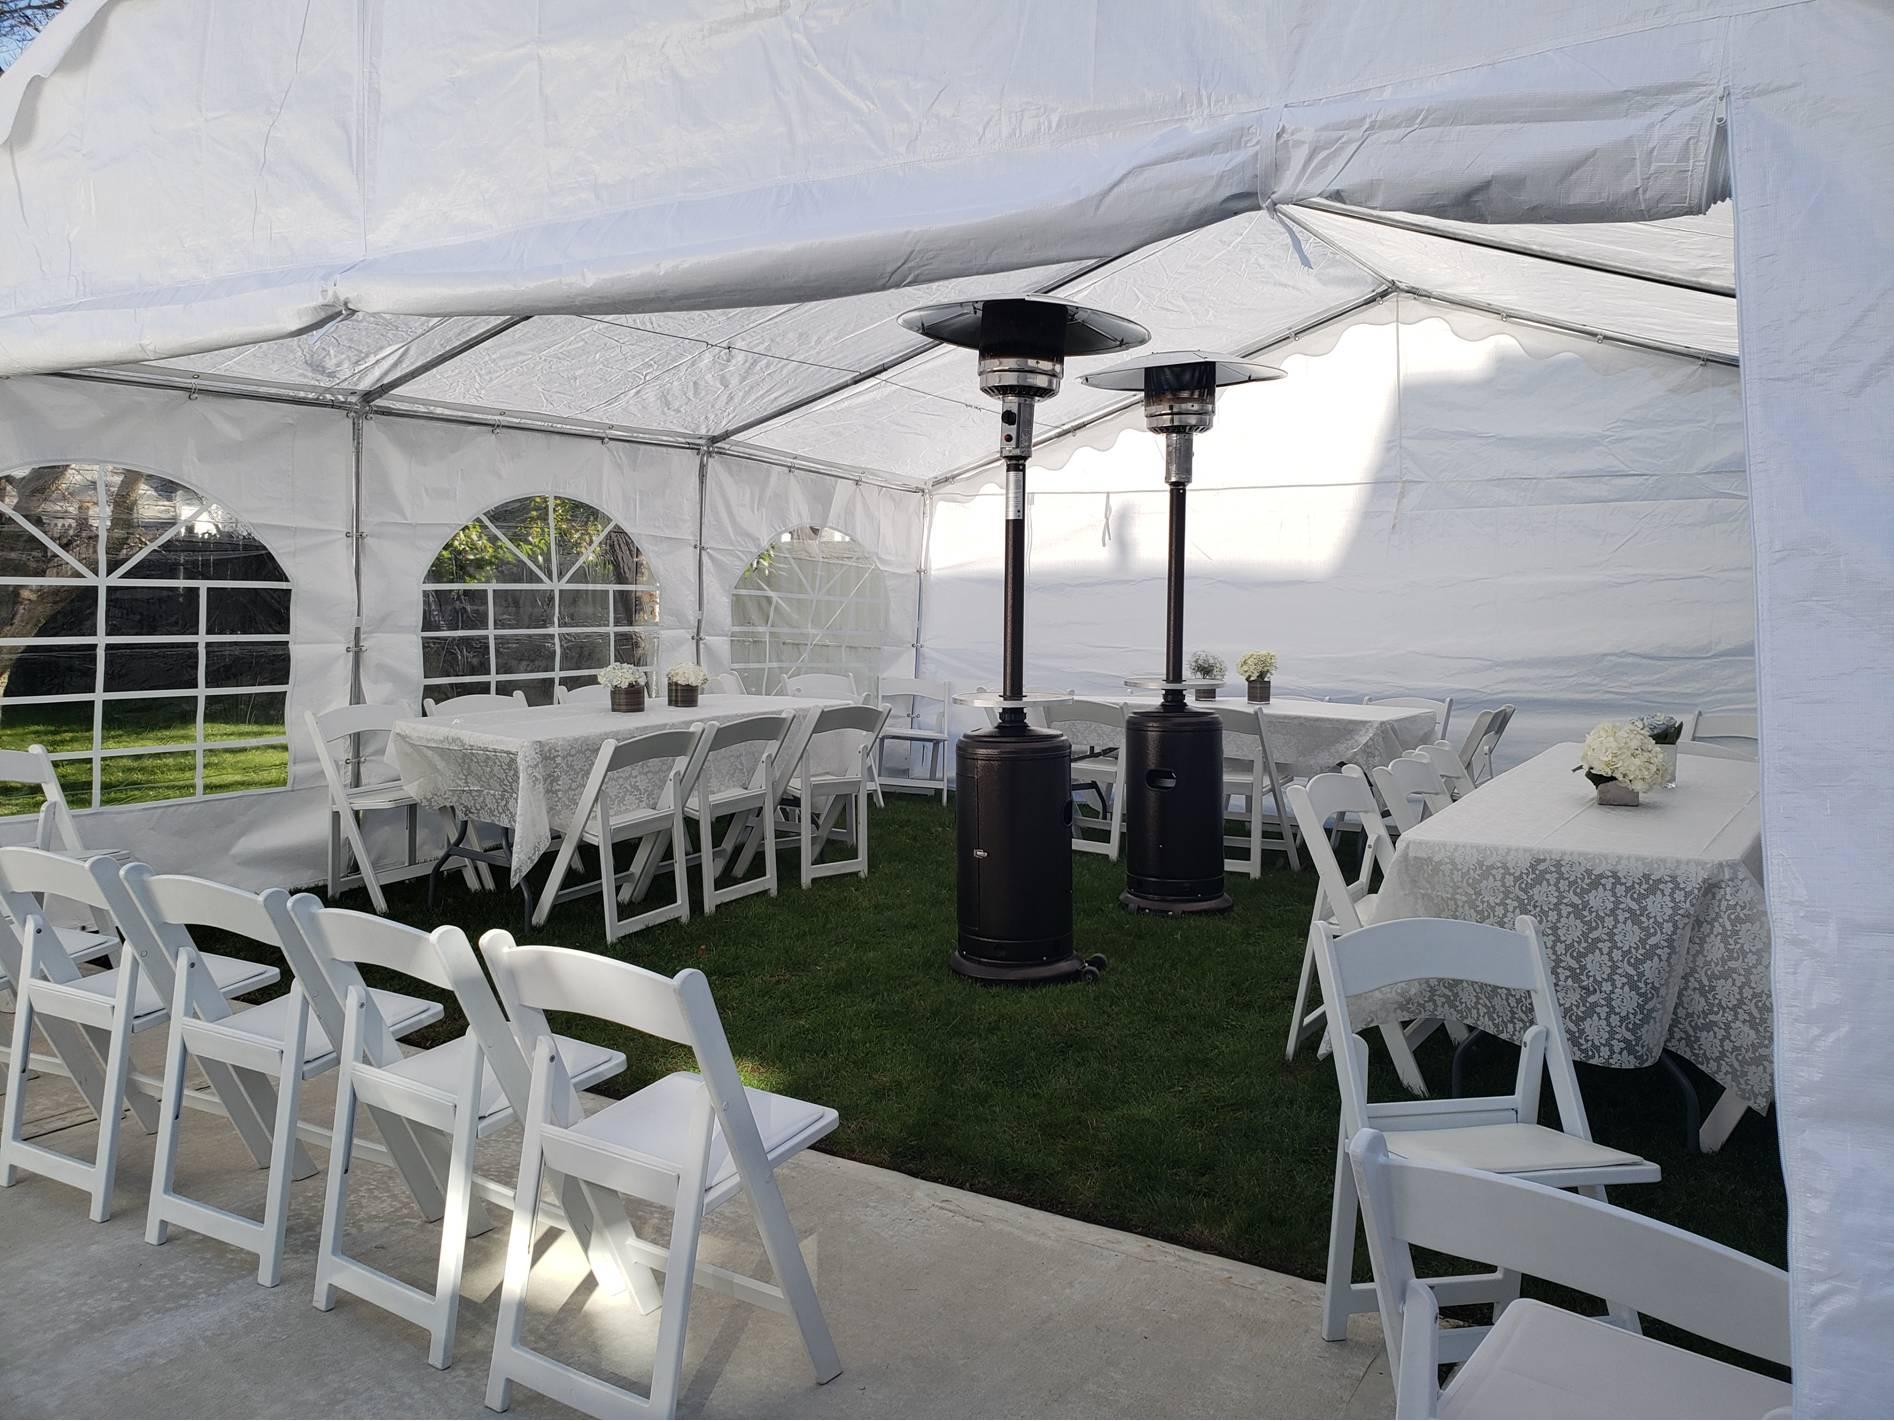 long-island-ny-party-tent-rental-5